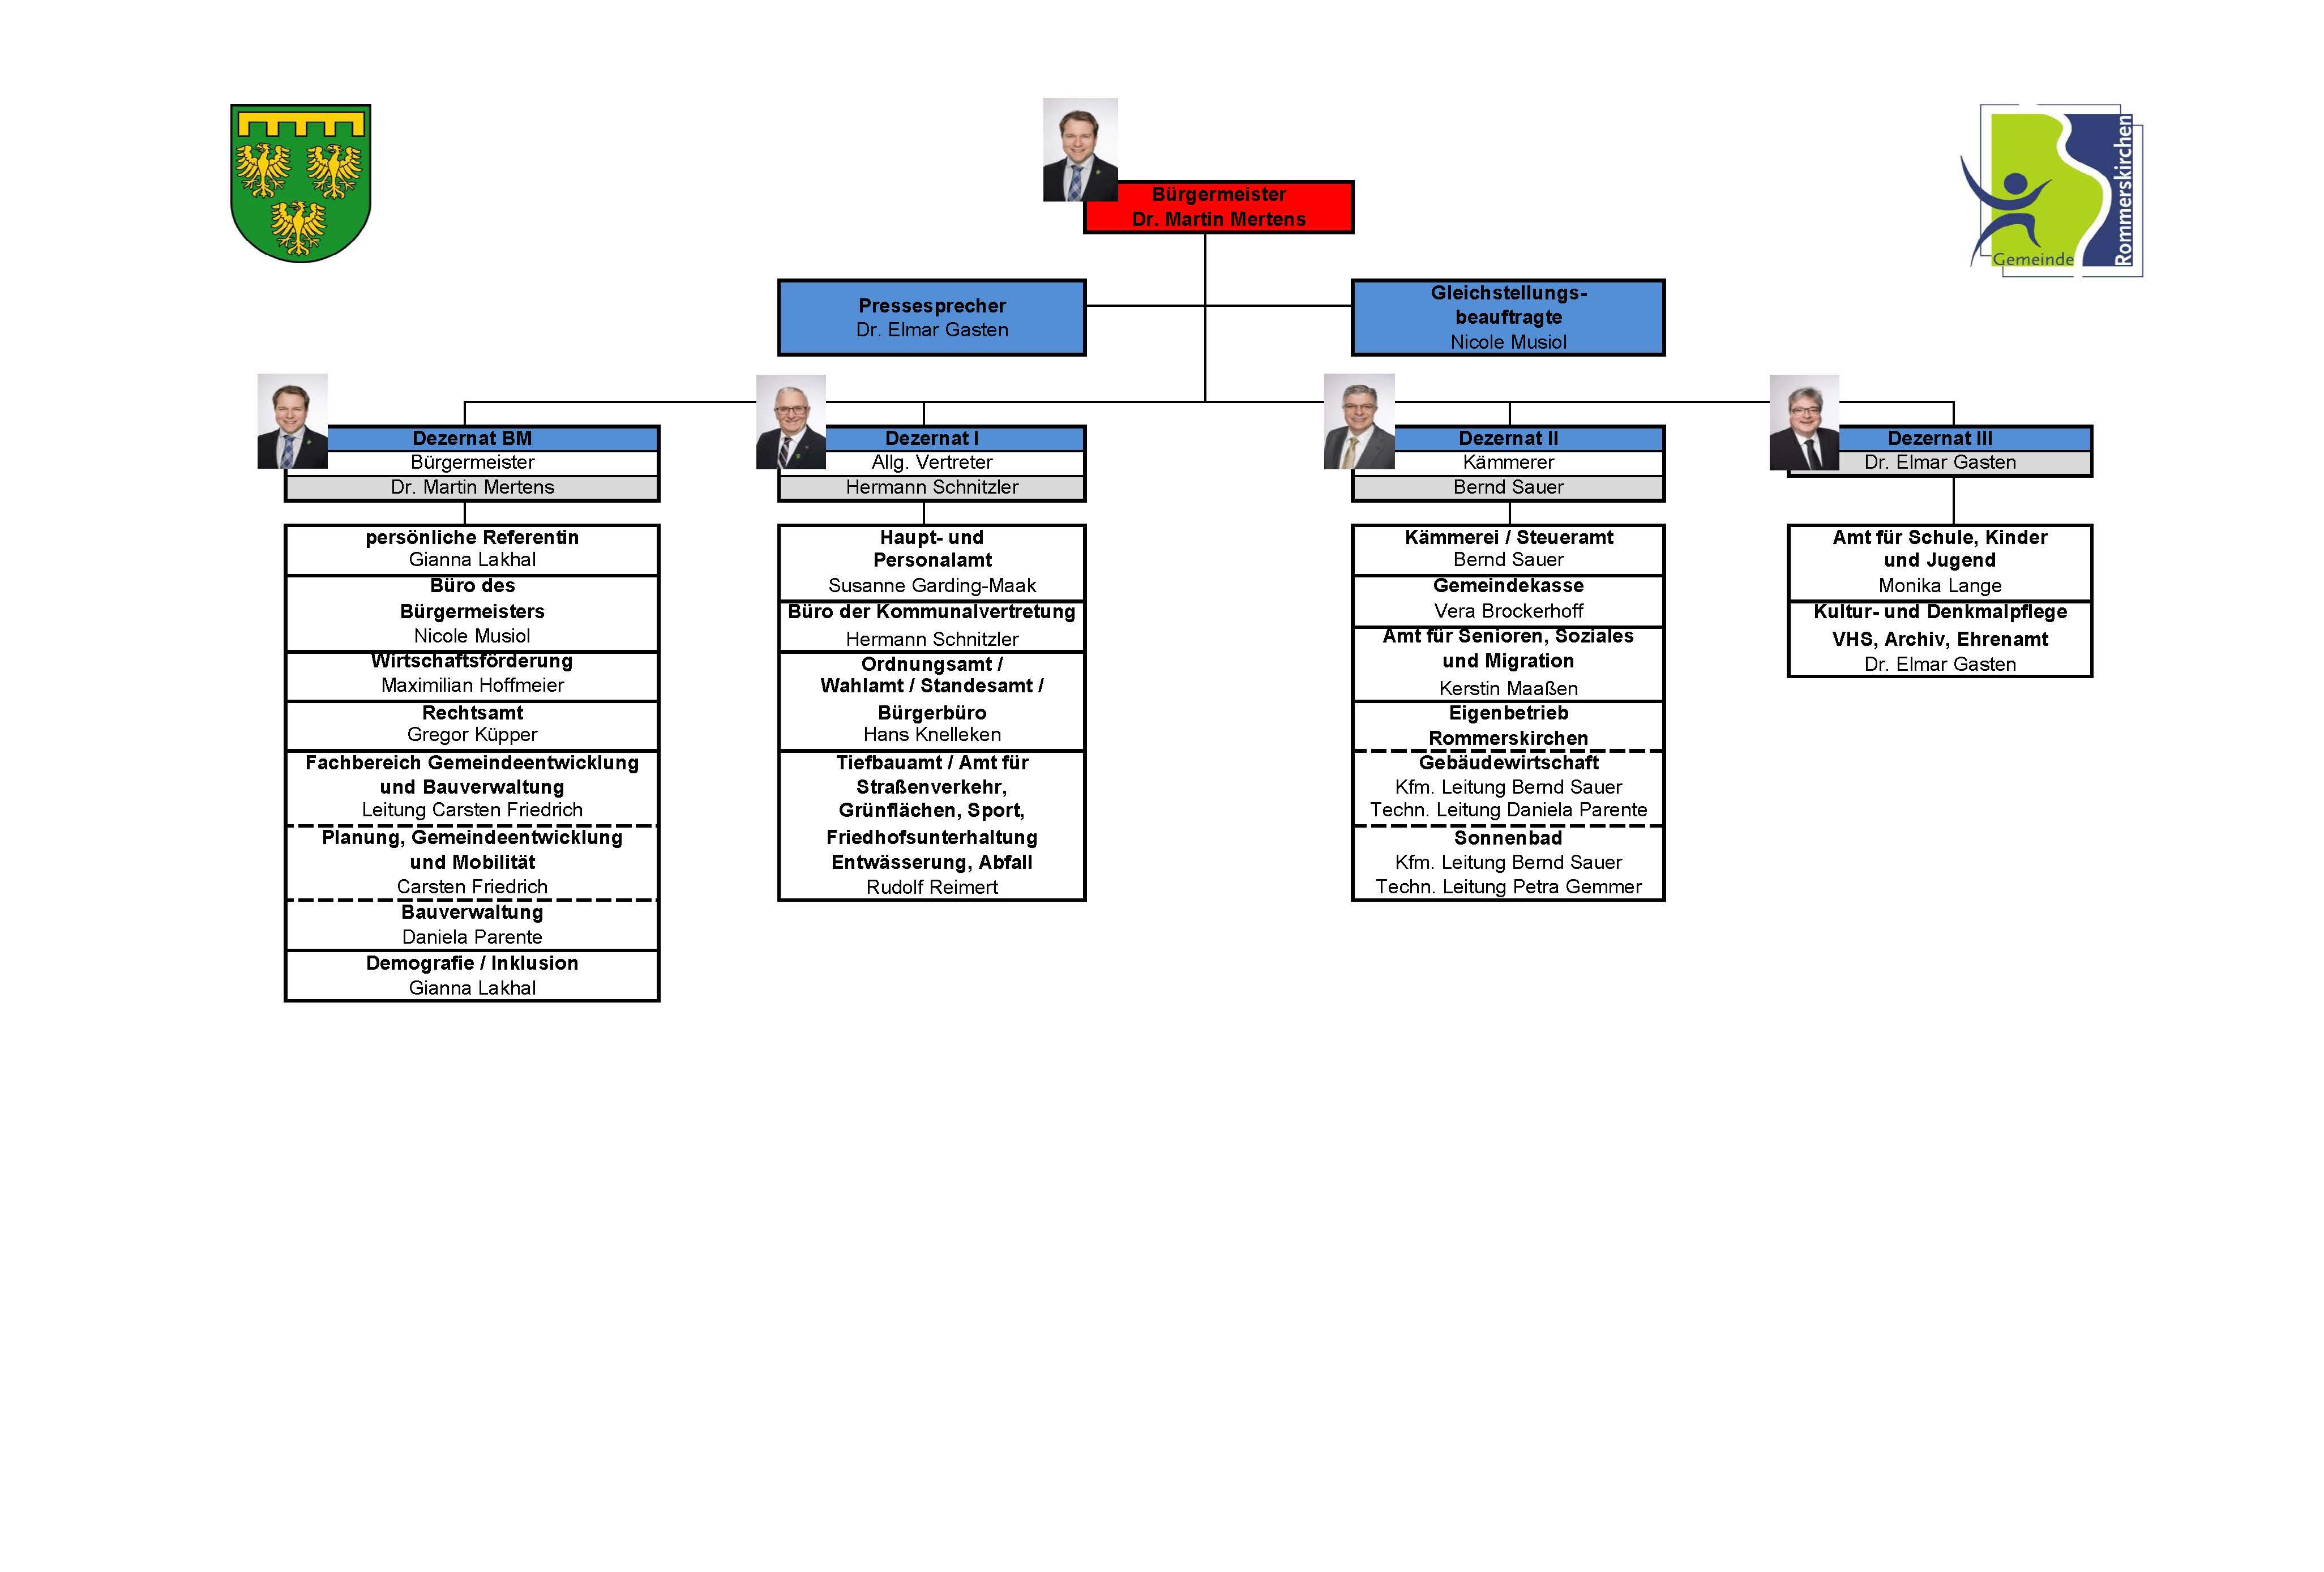 Organigramm der Verwaltung